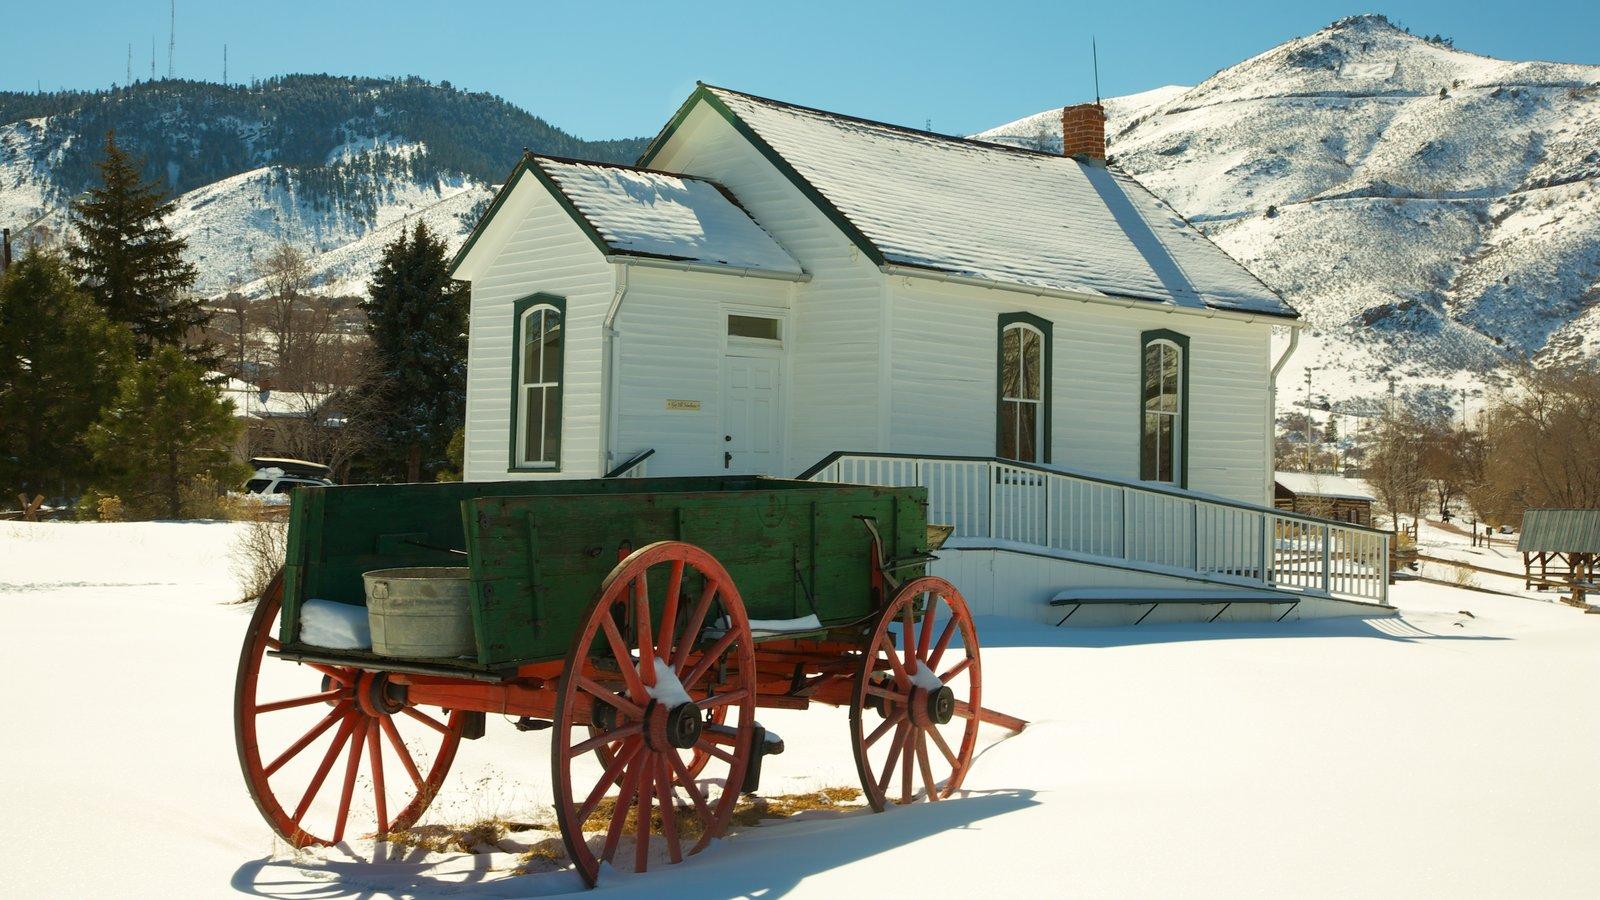 Golden mostrando montanhas, arquitetura de patrimônio e uma casa